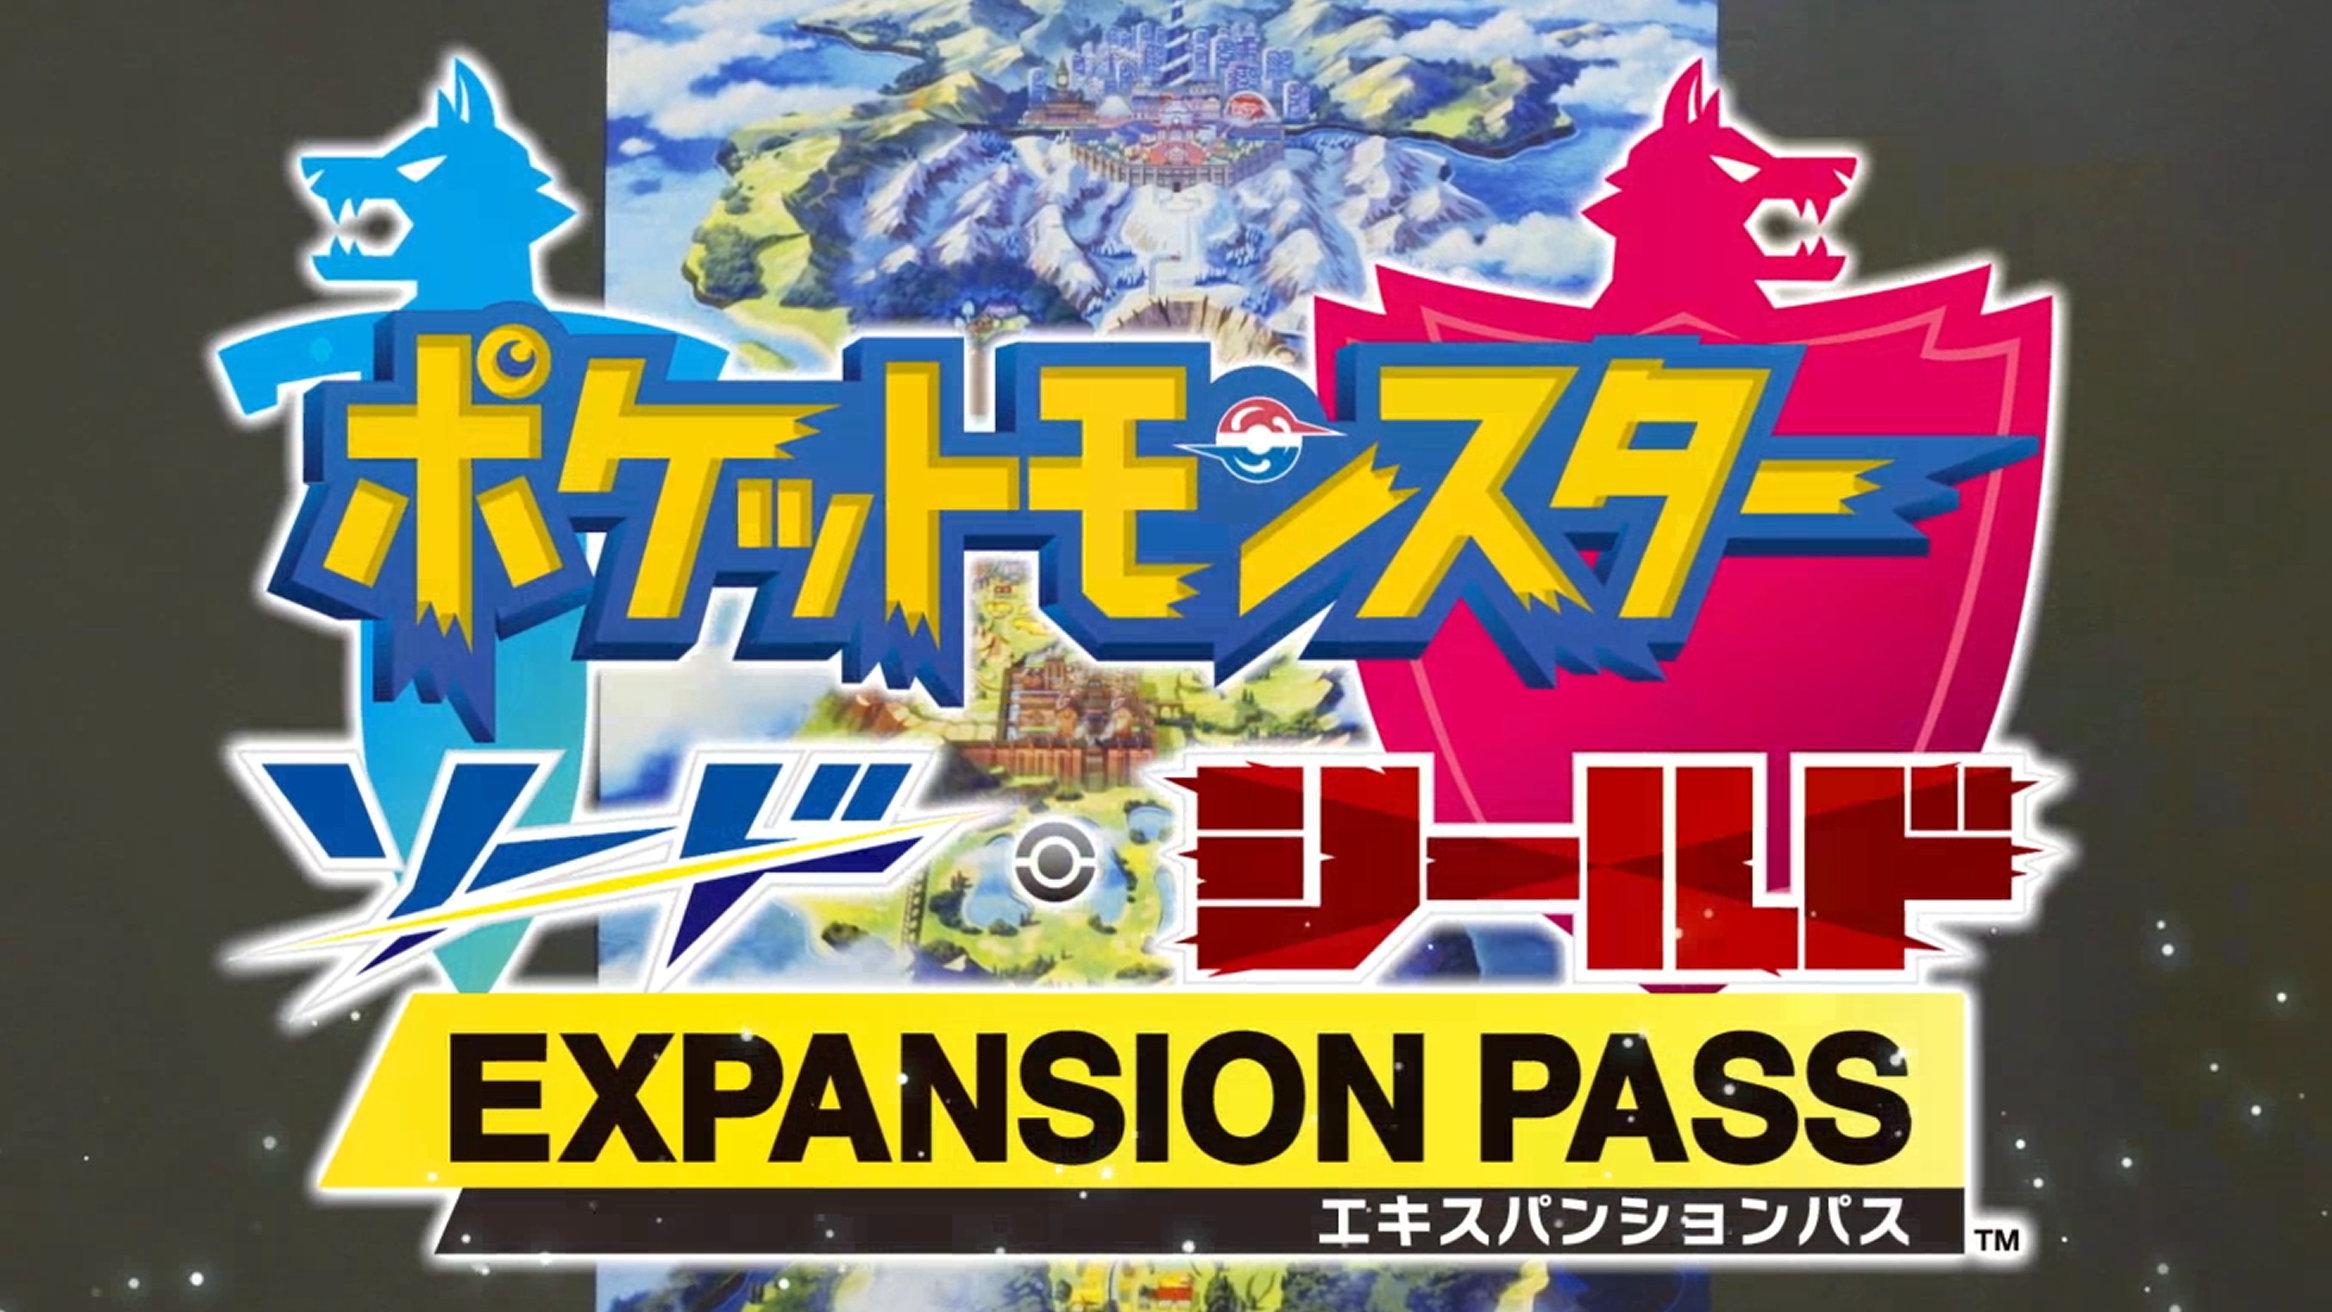 ポケモン ソード シールド、DLCパッケージ版が海外で